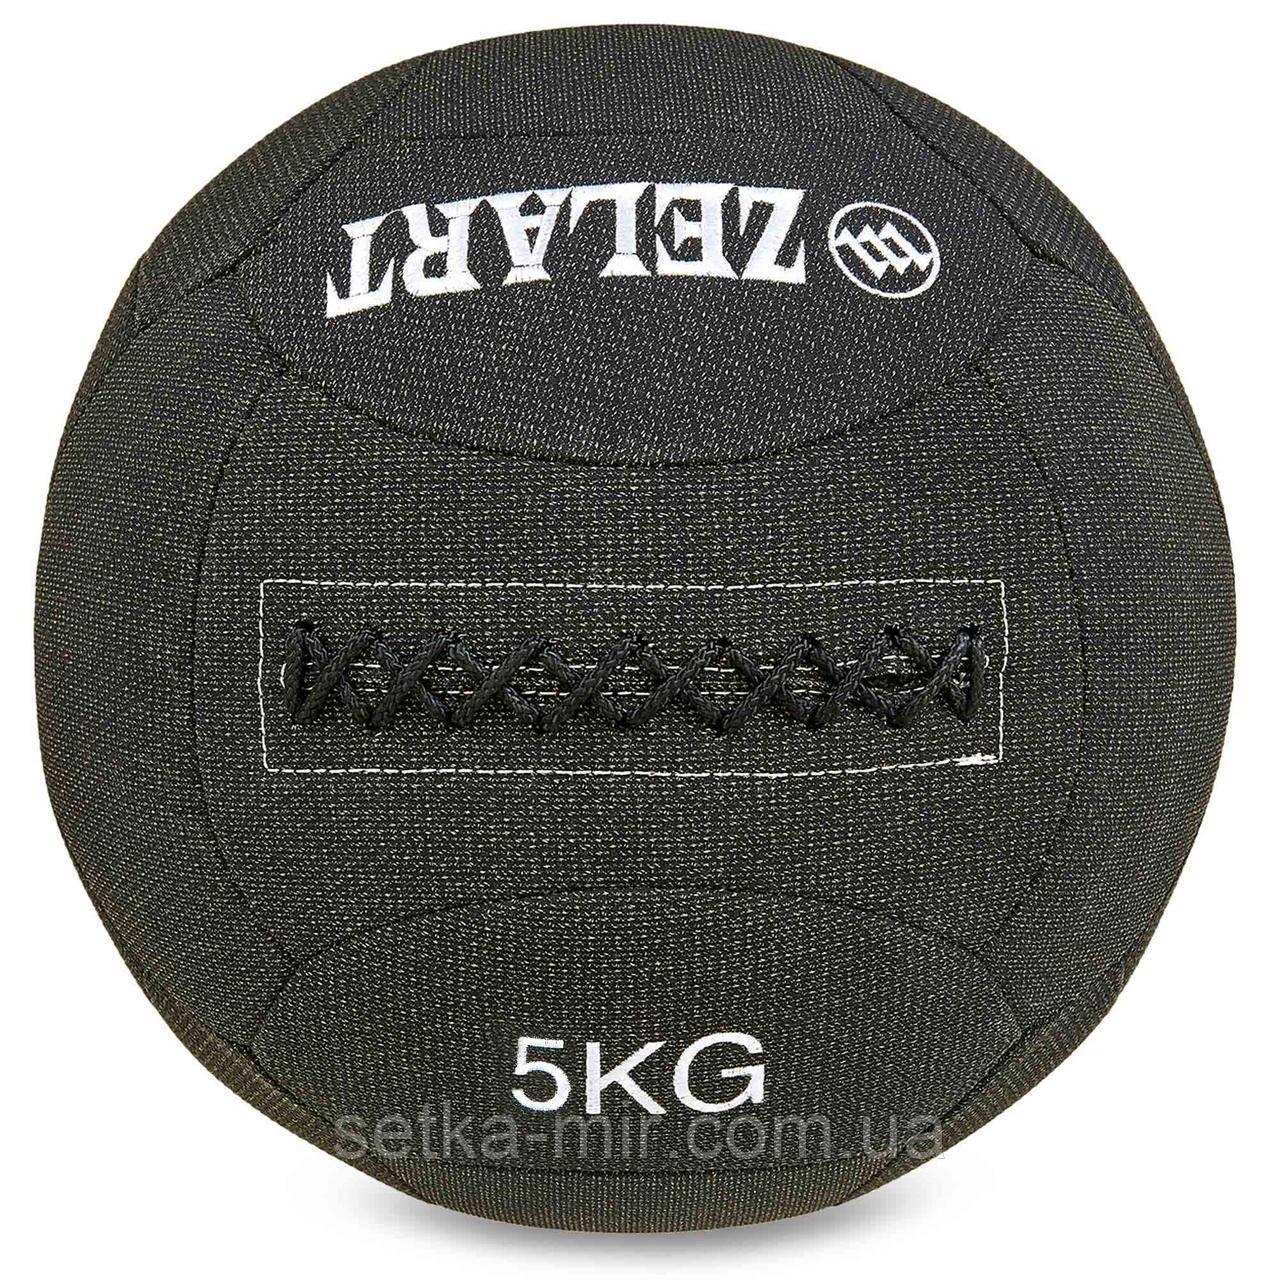 Мяч для кроссфита набивной в кевларовой оболочке 5кг Zelart WALL BALL